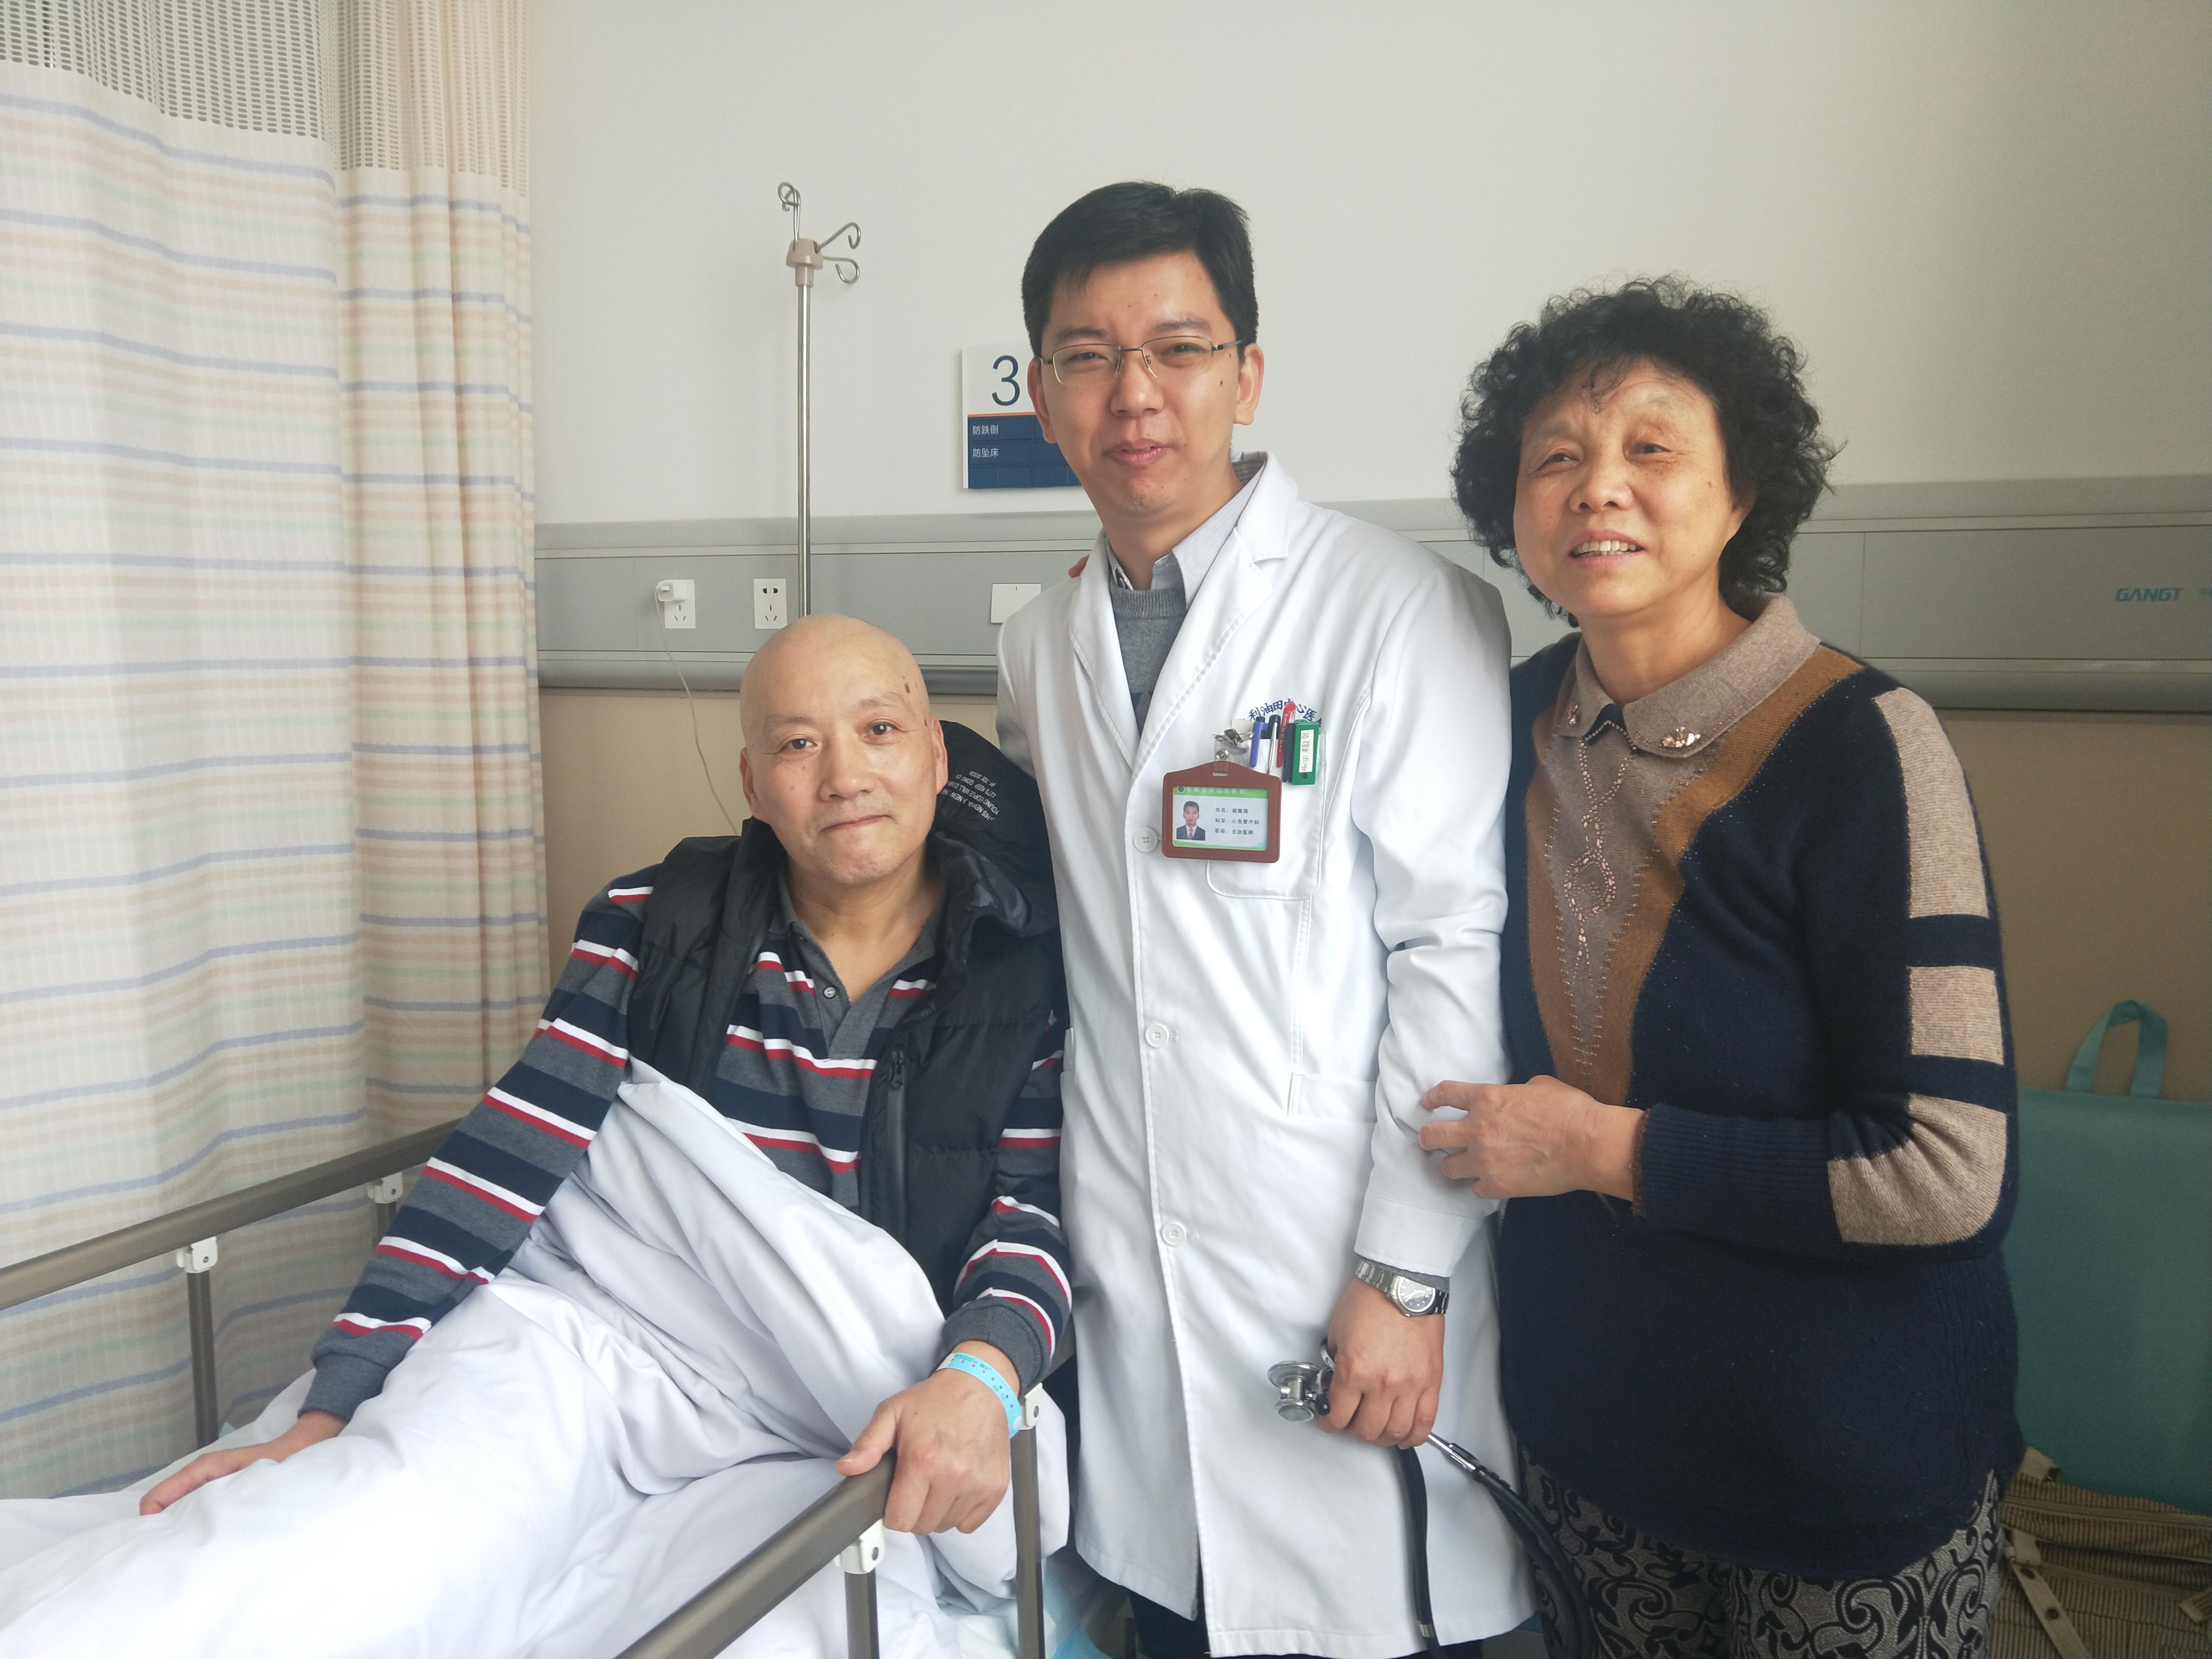 北京游客突发心脏病 休假医生放下碗筷 飞奔医